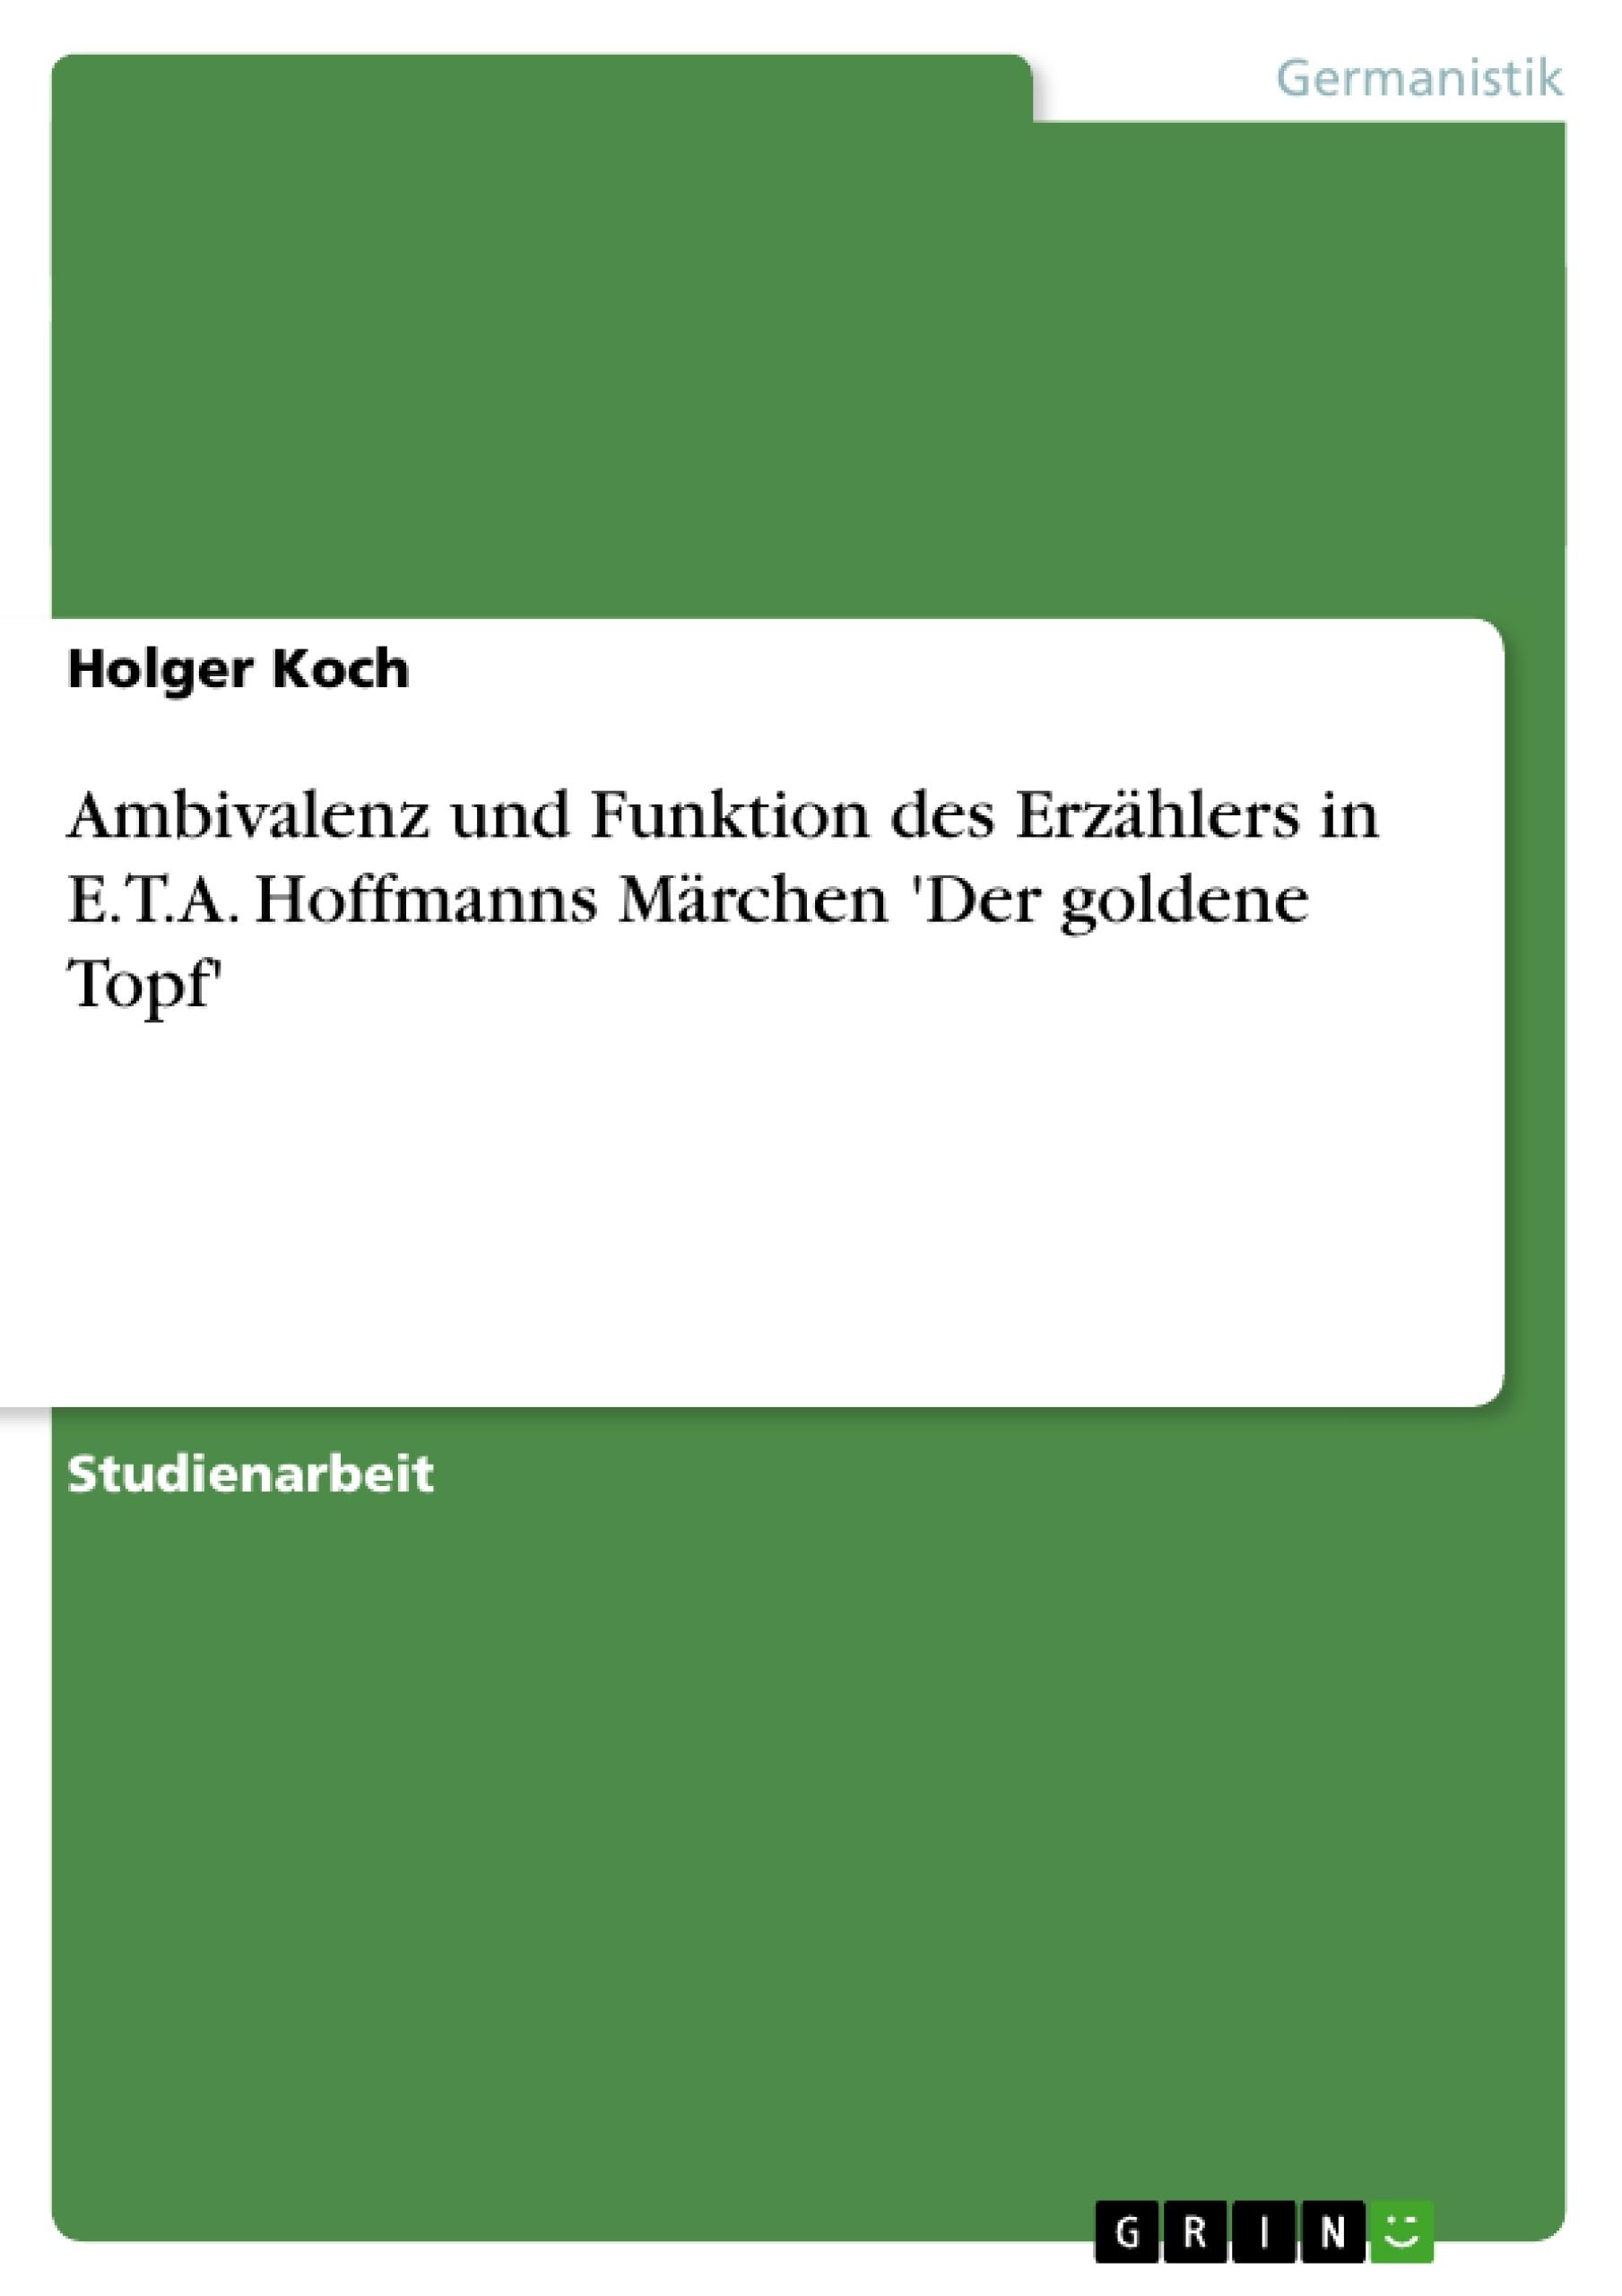 Titel: Ambivalenz und Funktion des Erzählers in E.T.A. Hoffmanns Märchen 'Der goldene Topf'